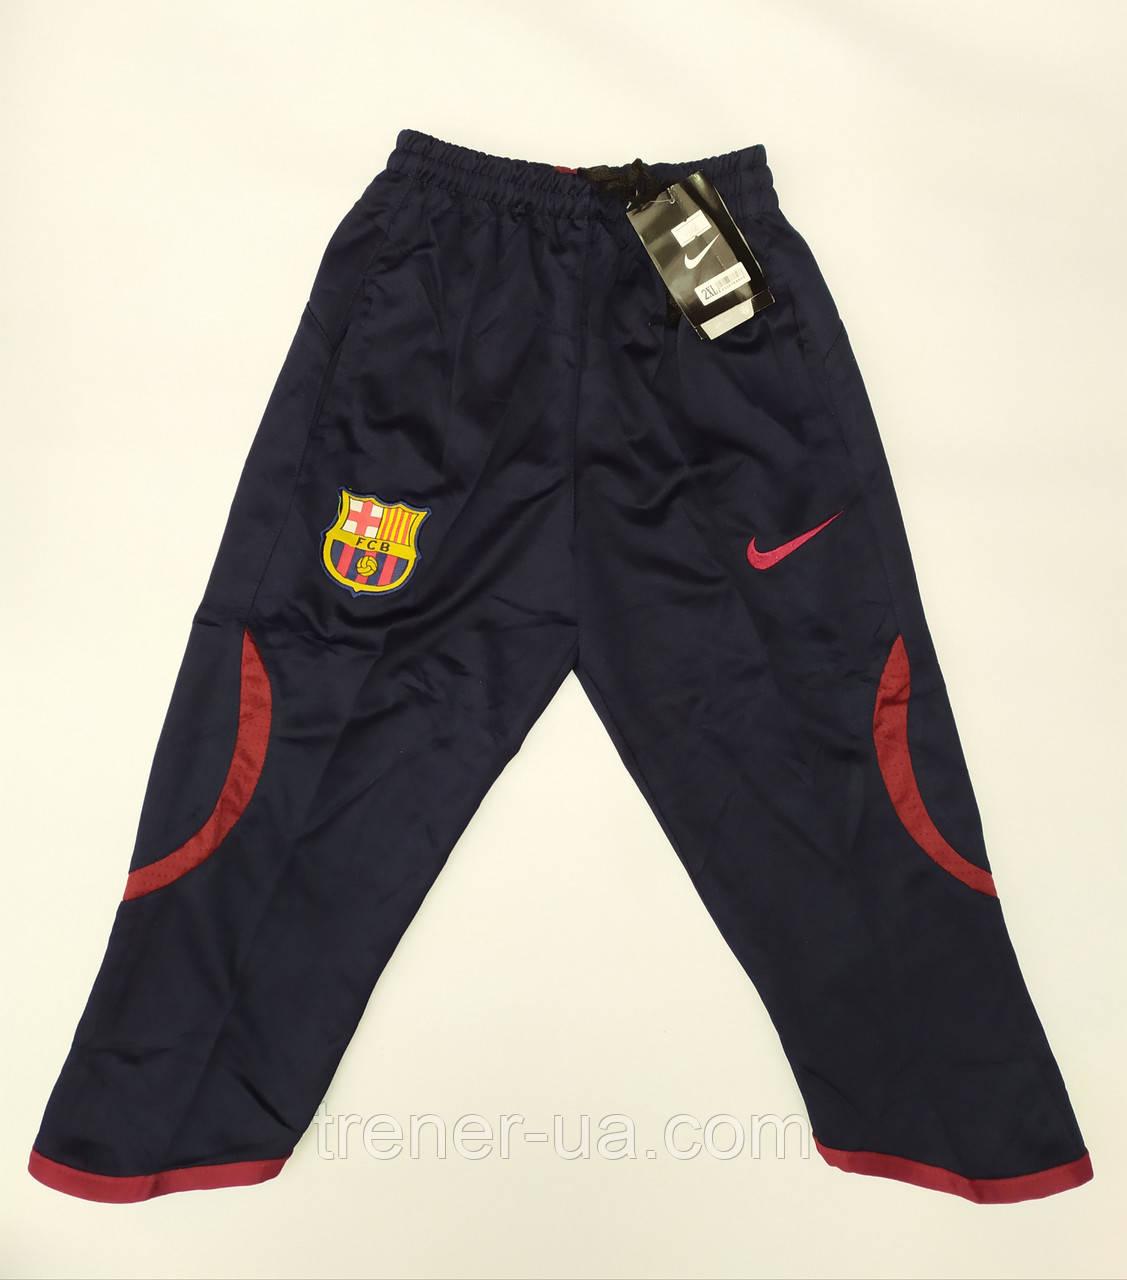 Бриджи тренировочные детские/бриджи в стиле Nike Barcelona/детские бриджи футбольные/бриджи командные/